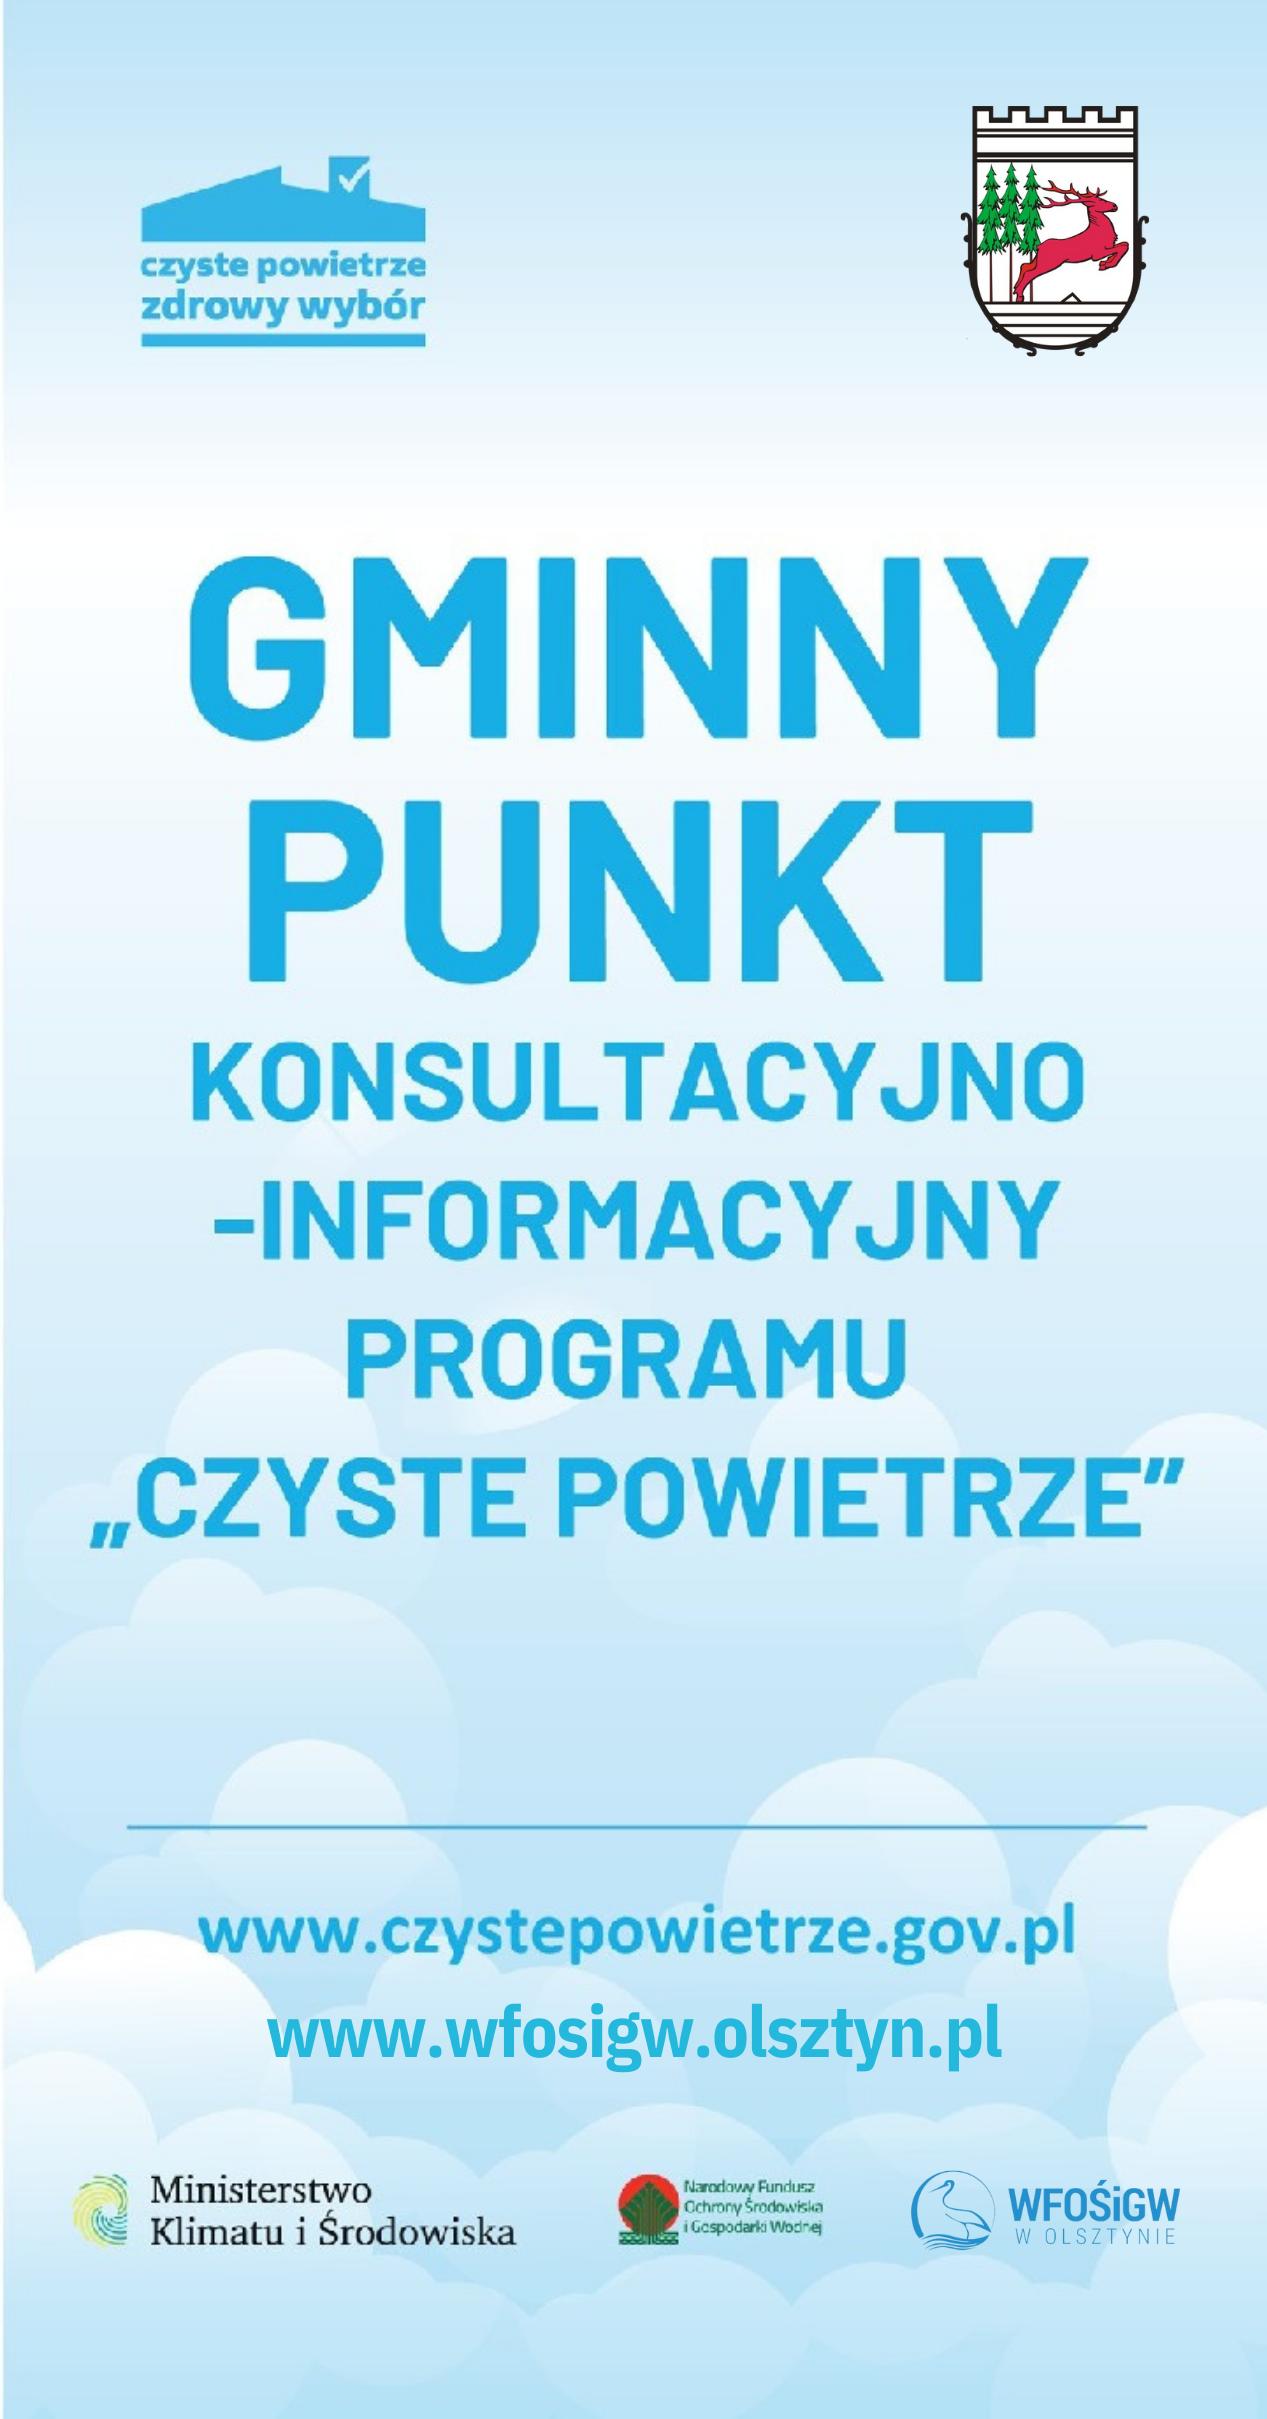 https://m.powiatszczycienski.pl/2021/09/orig/wzor-tablicy-dla-gminnych-punktow-info-promo-programu-czyste-powietrze-poziom-2-3-pdf-43050.png